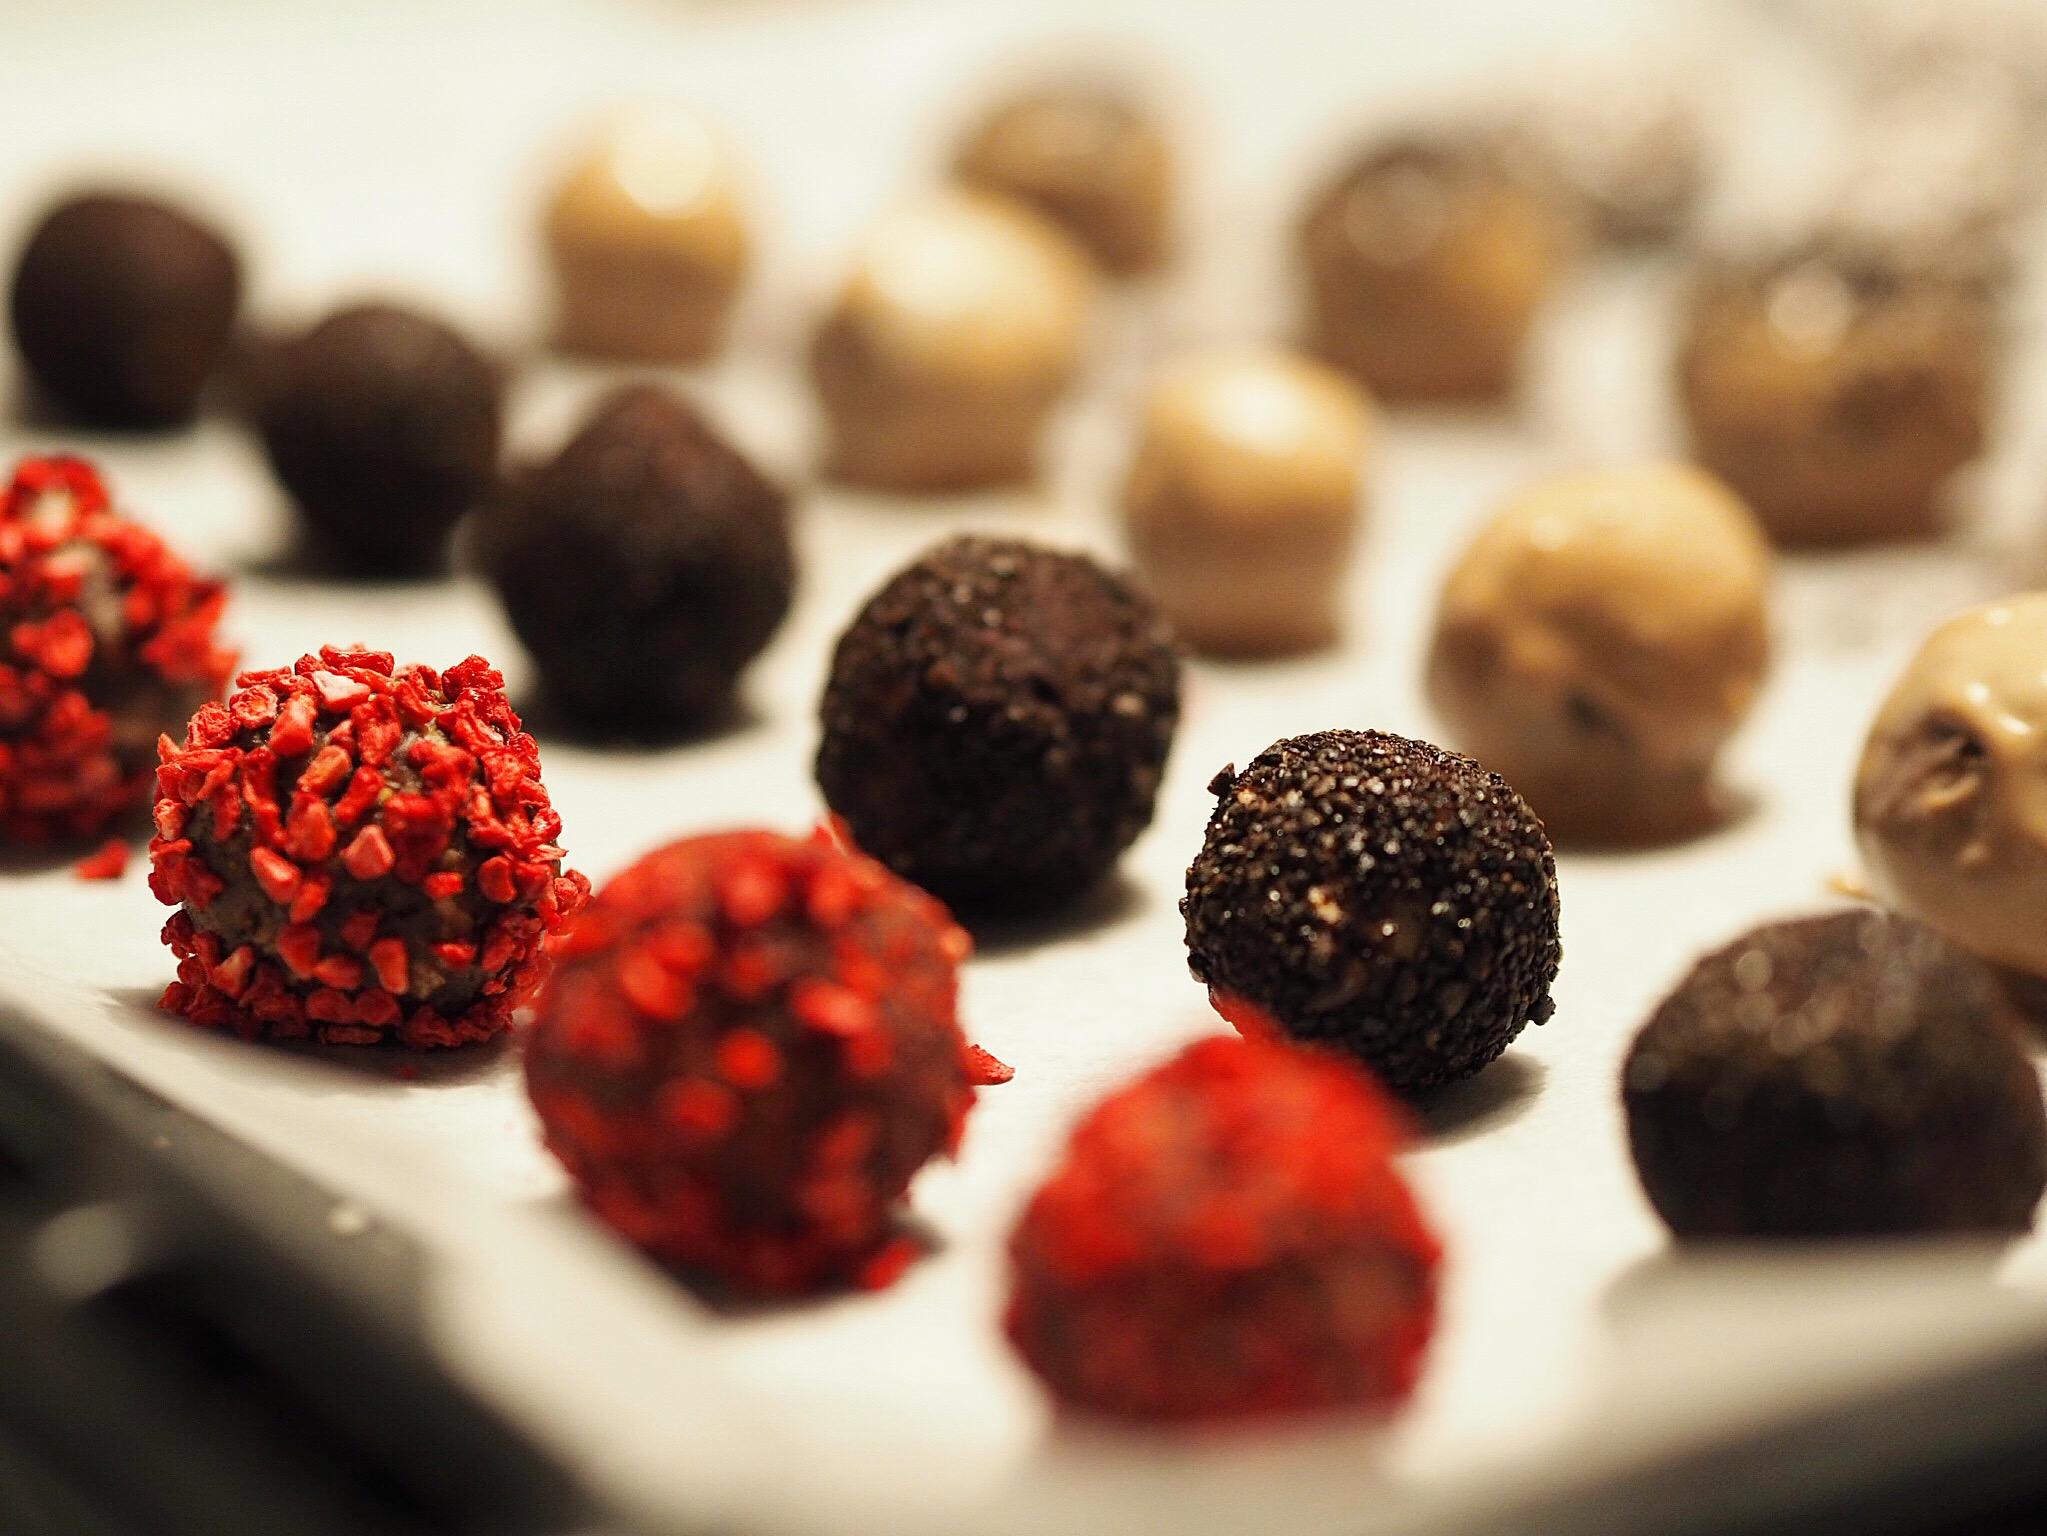 Dadelkugler Snack Sundhed Sund Sundere Konfekt Lakrids Chokolade Opskrift Blog Inspiration Søde Lækre